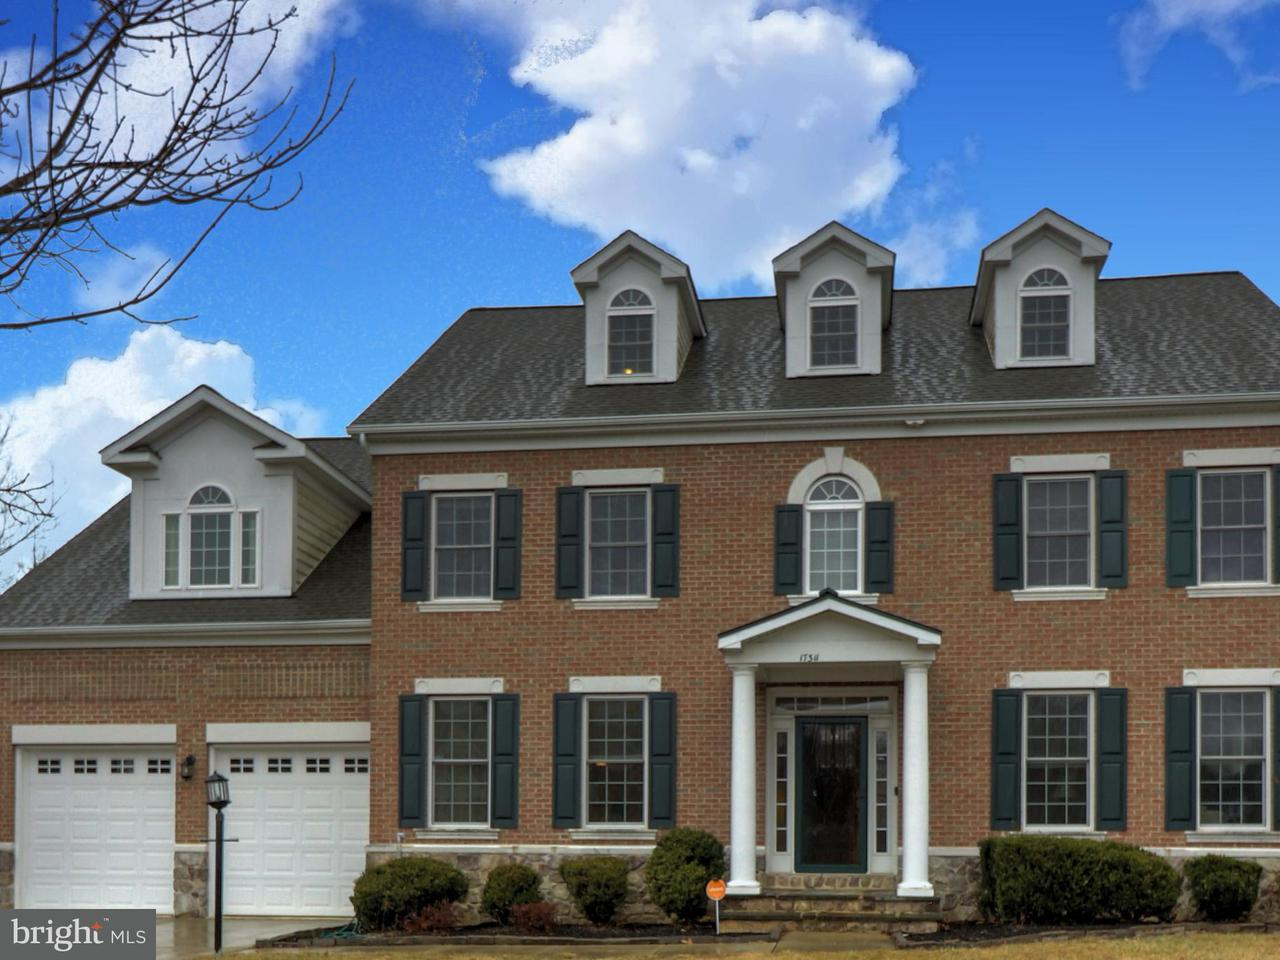 Частный односемейный дом для того Продажа на 17311 Summerwood Lane 17311 Summerwood Lane Accokeek, Мэриленд 20607 Соединенные Штаты